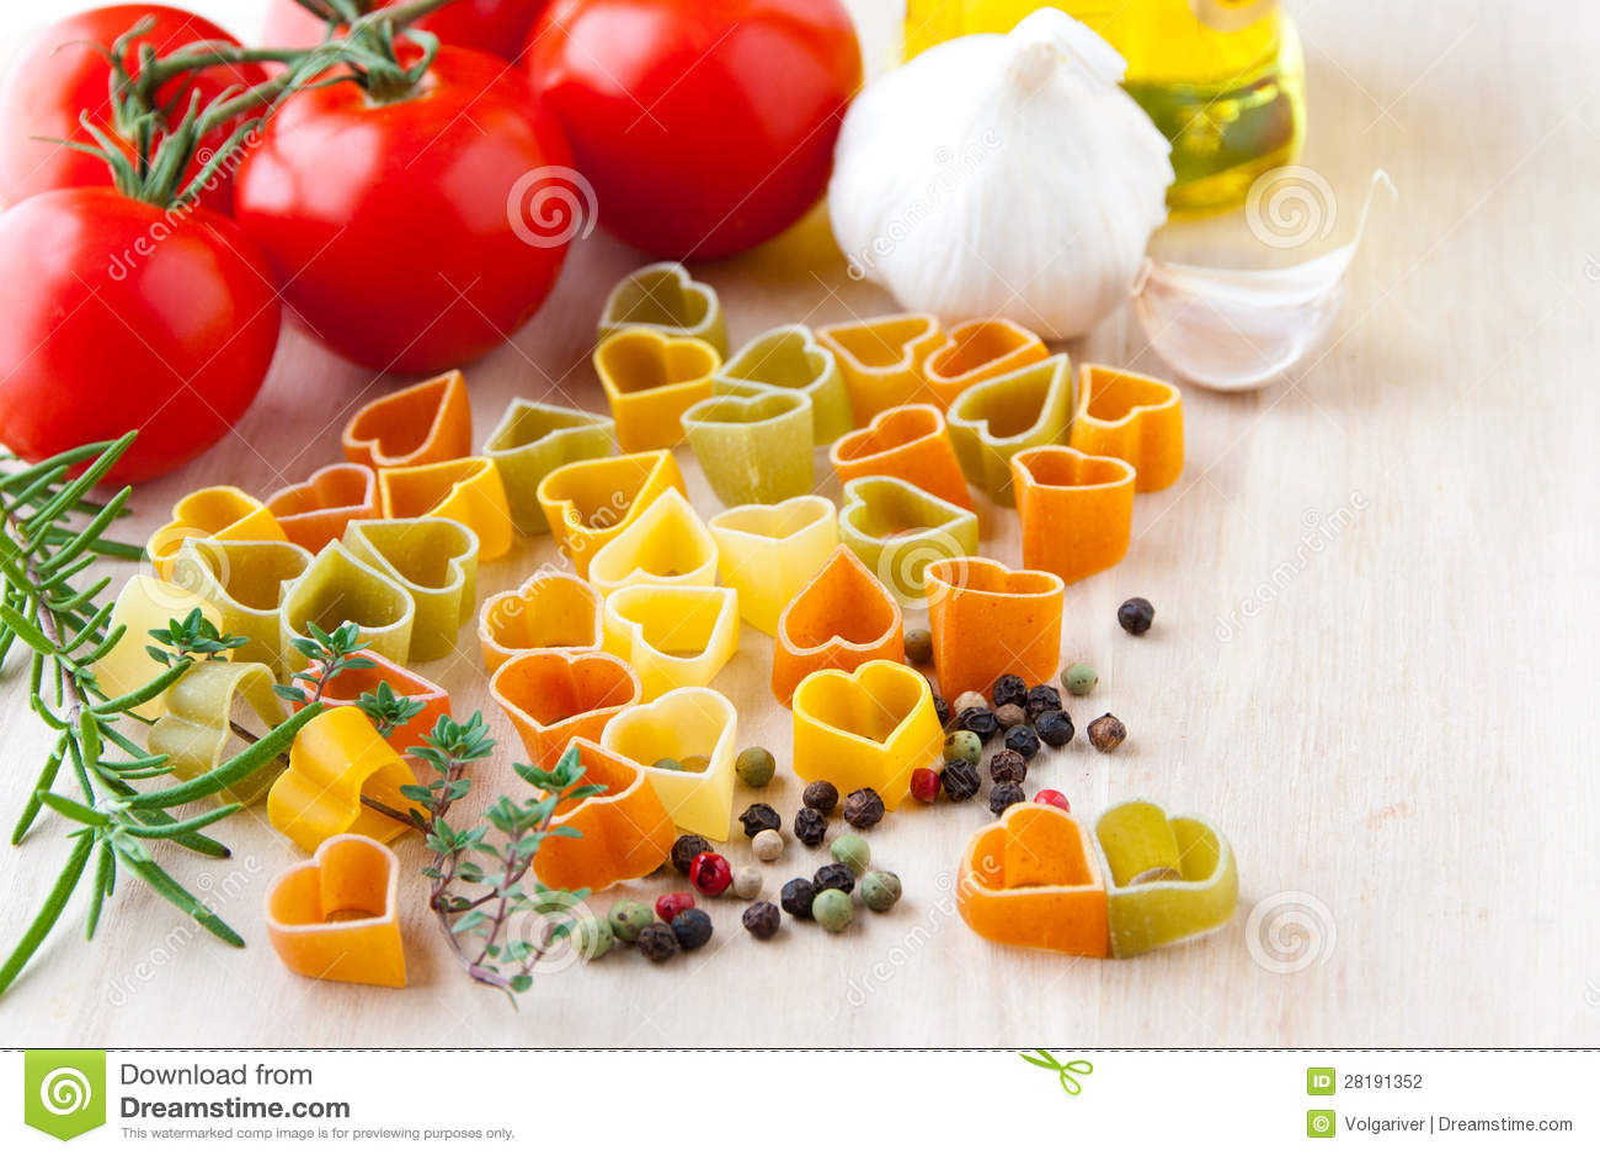 Cucinando Con L'amore. Ingredienti Per Cucina Italiana: Forma Del  #BE180D 1300 957 Immagini Di Cucina E Soggiorno Insieme